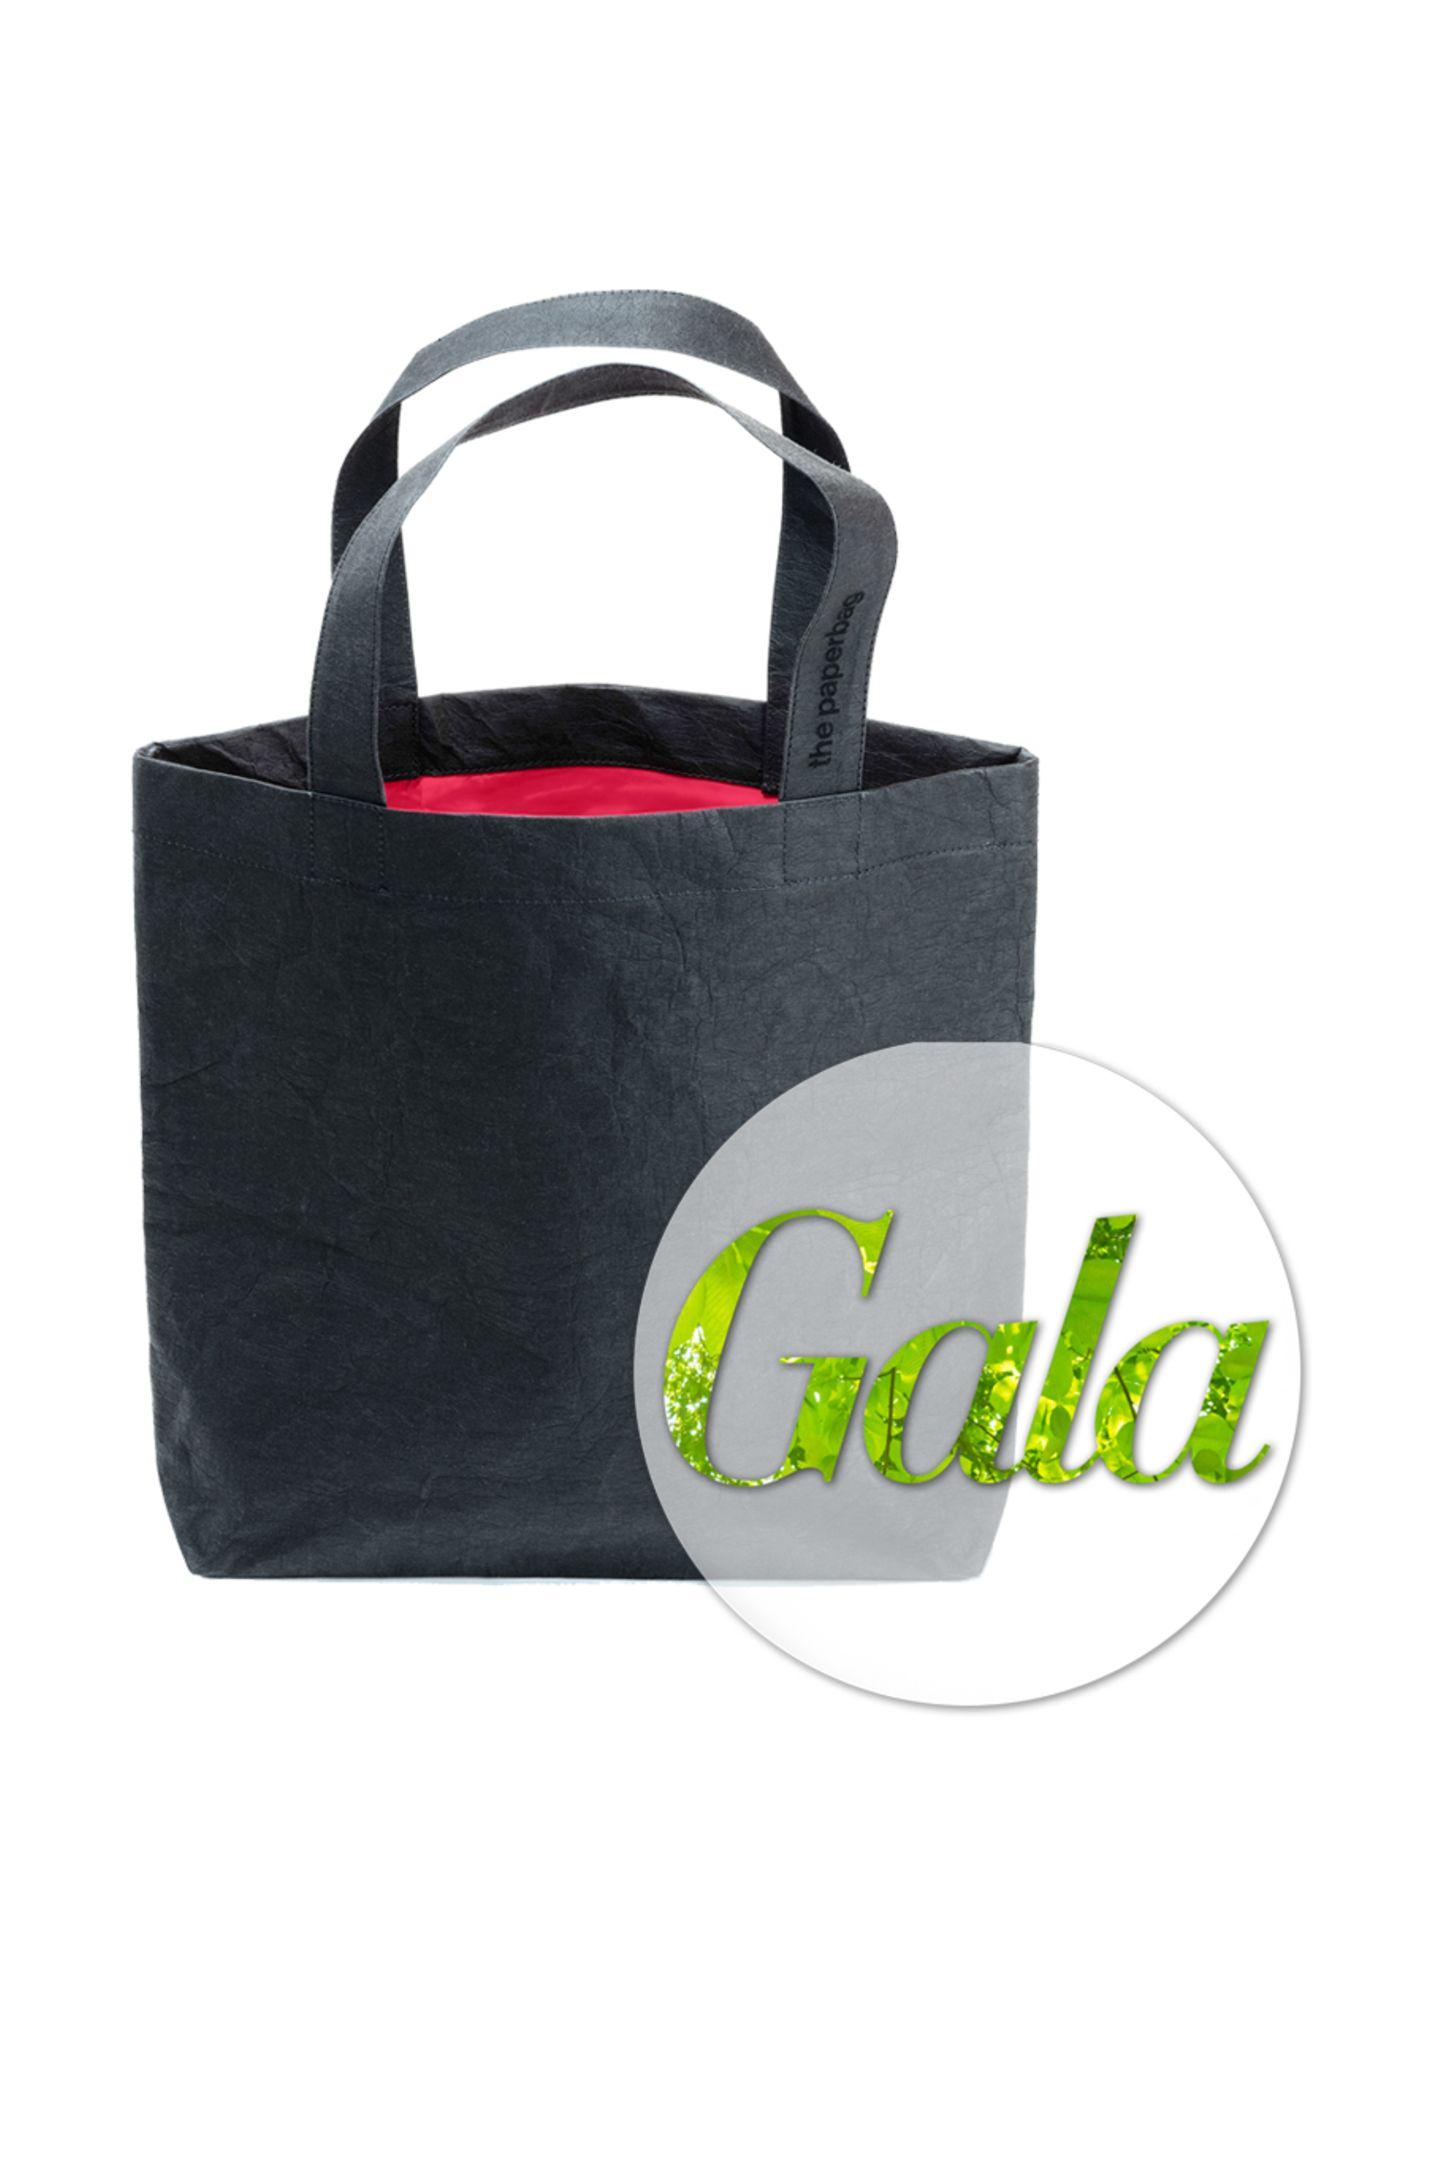 """Nachhaltig, stylish und Made in Germany: das sind die Taschen von""""the paperbag"""".Die stylischen Shopper aus waschbarem, 100% FSC-zertifziertem Papier aus nordeuropäischen Wäldern überzeugen uns auf Anhieb und begleiten uns nun bei jedem Marktbesuch.Von """"the paperbag"""", kostet ca. 85 Euro."""